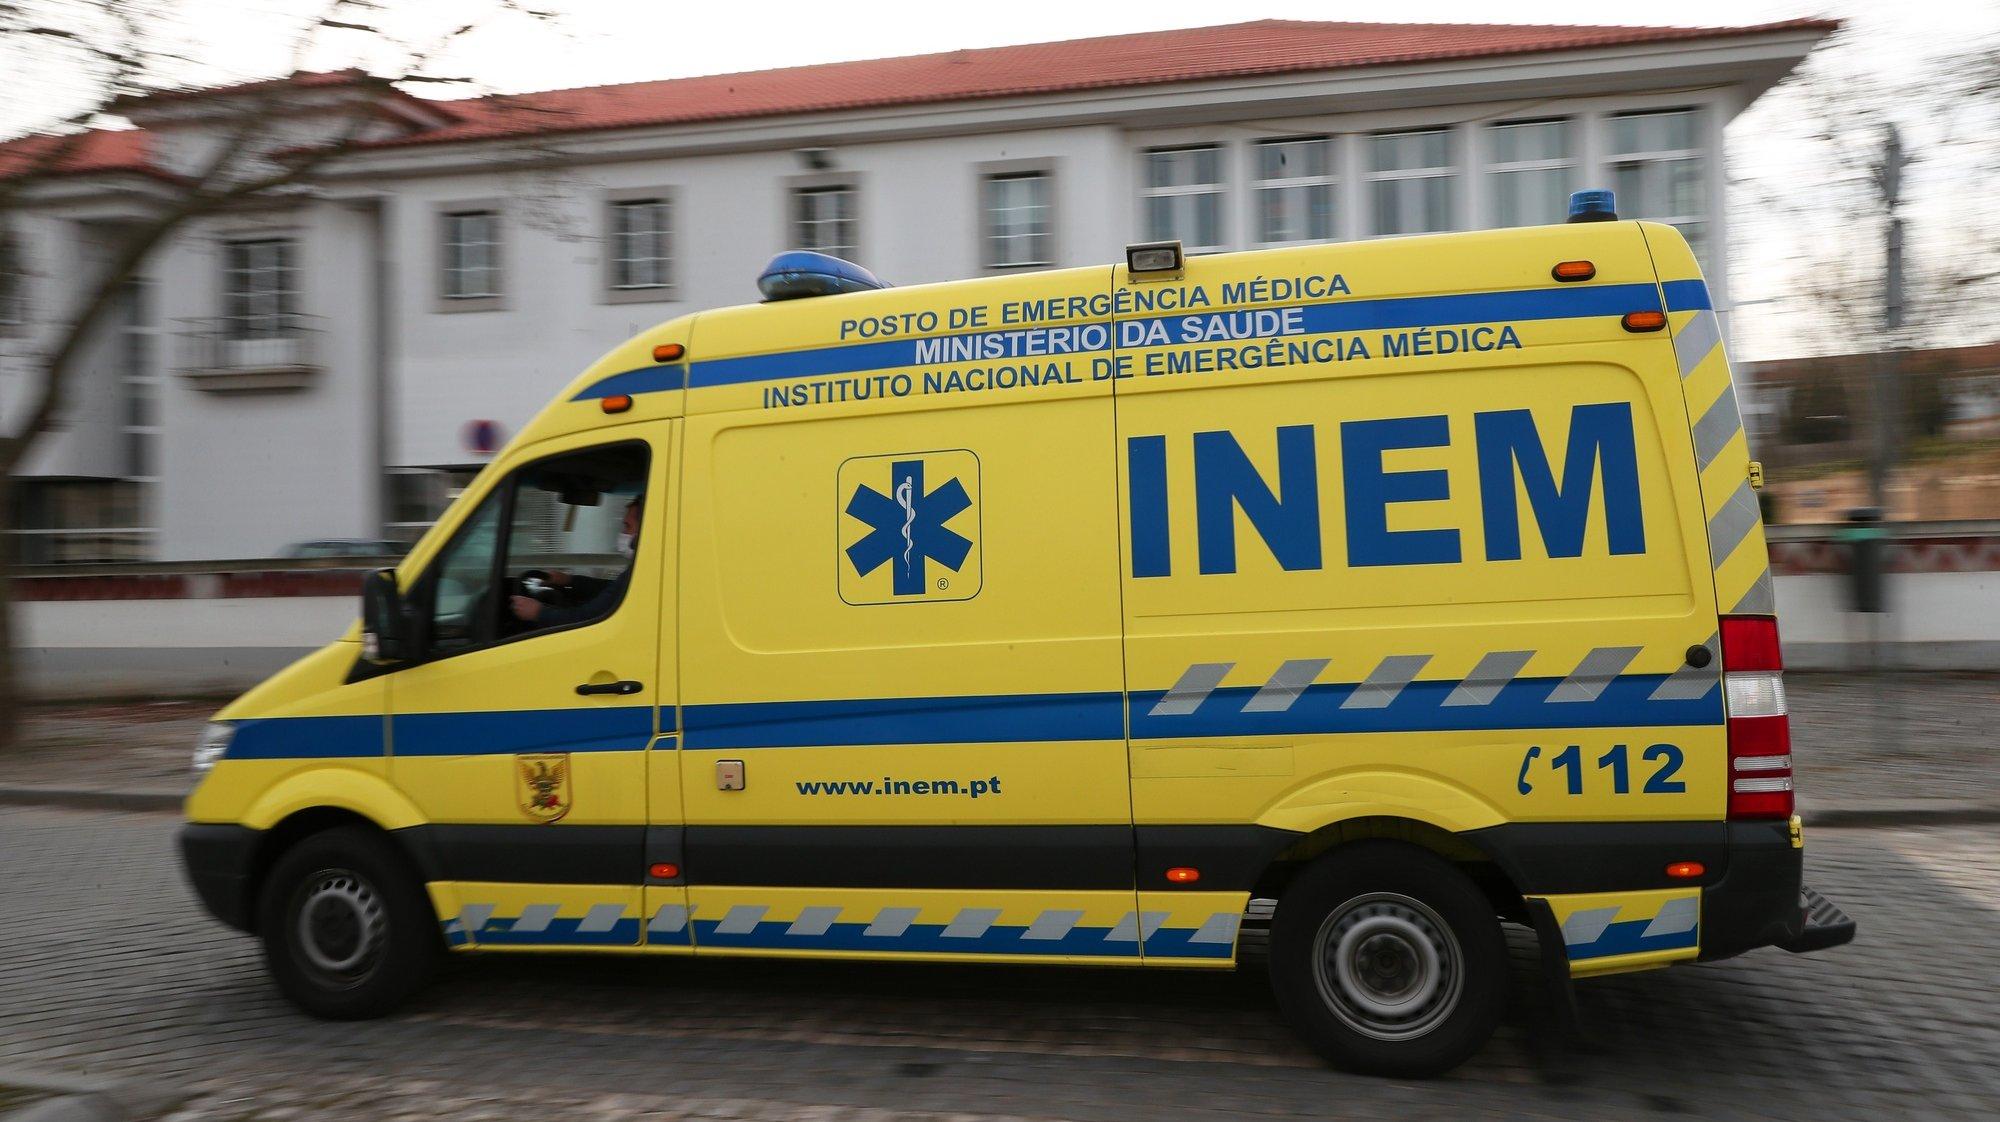 Uma ambulância do INEM circula junto ao Hospital do Espírito Santo De Évora, em Évora, 16 de fevereiro de 2021. NUNO VEIGA/LUSA